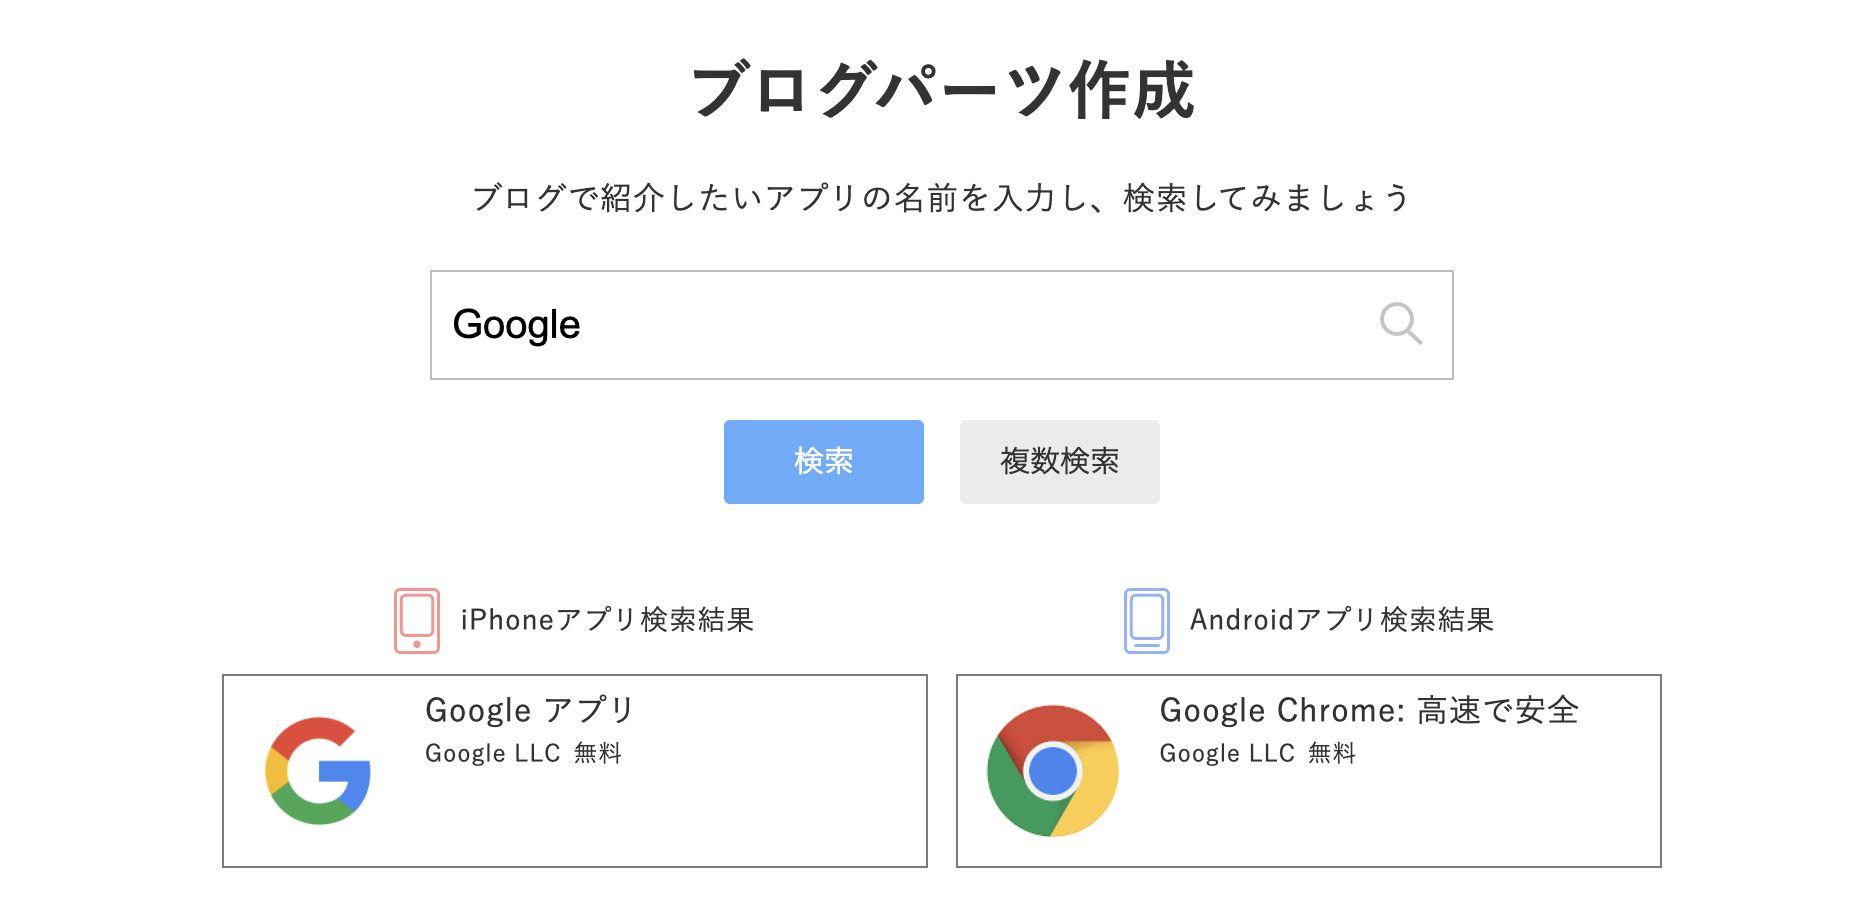 ①紹介したいアプリを検索します。